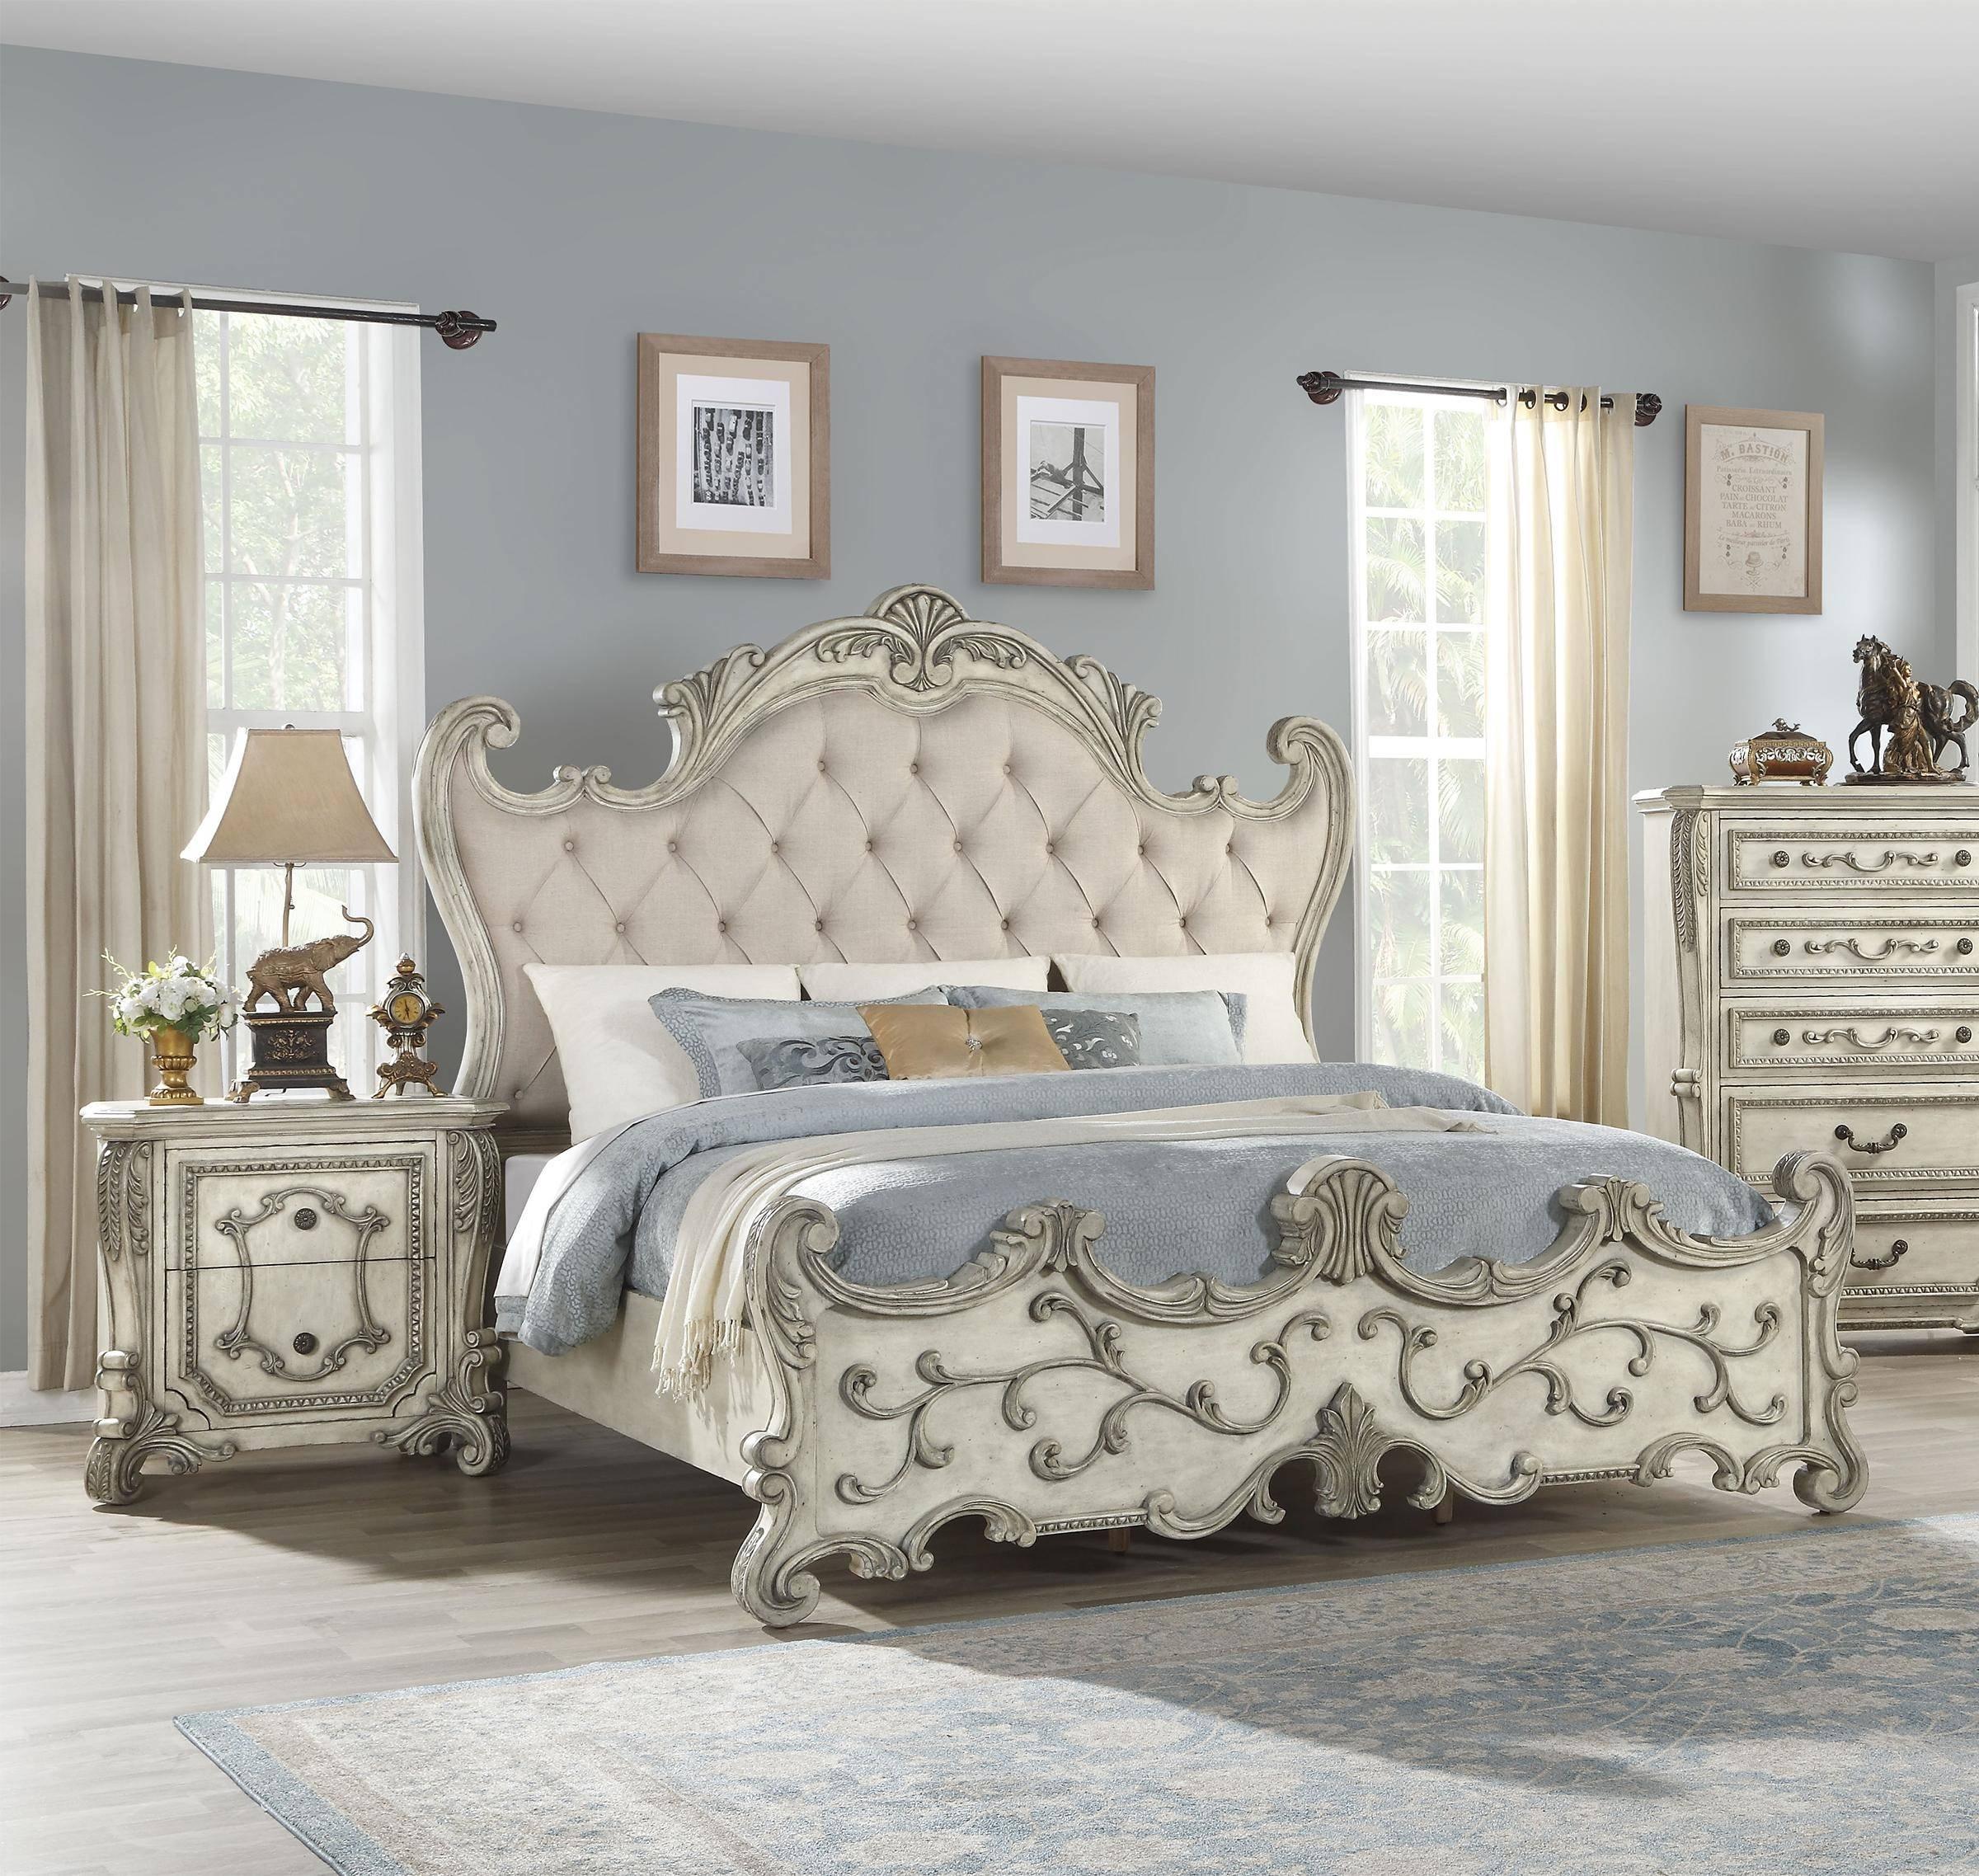 Buy Acme Braylee Queen Panel Bedroom Set 3 Pcs In Silver Antique